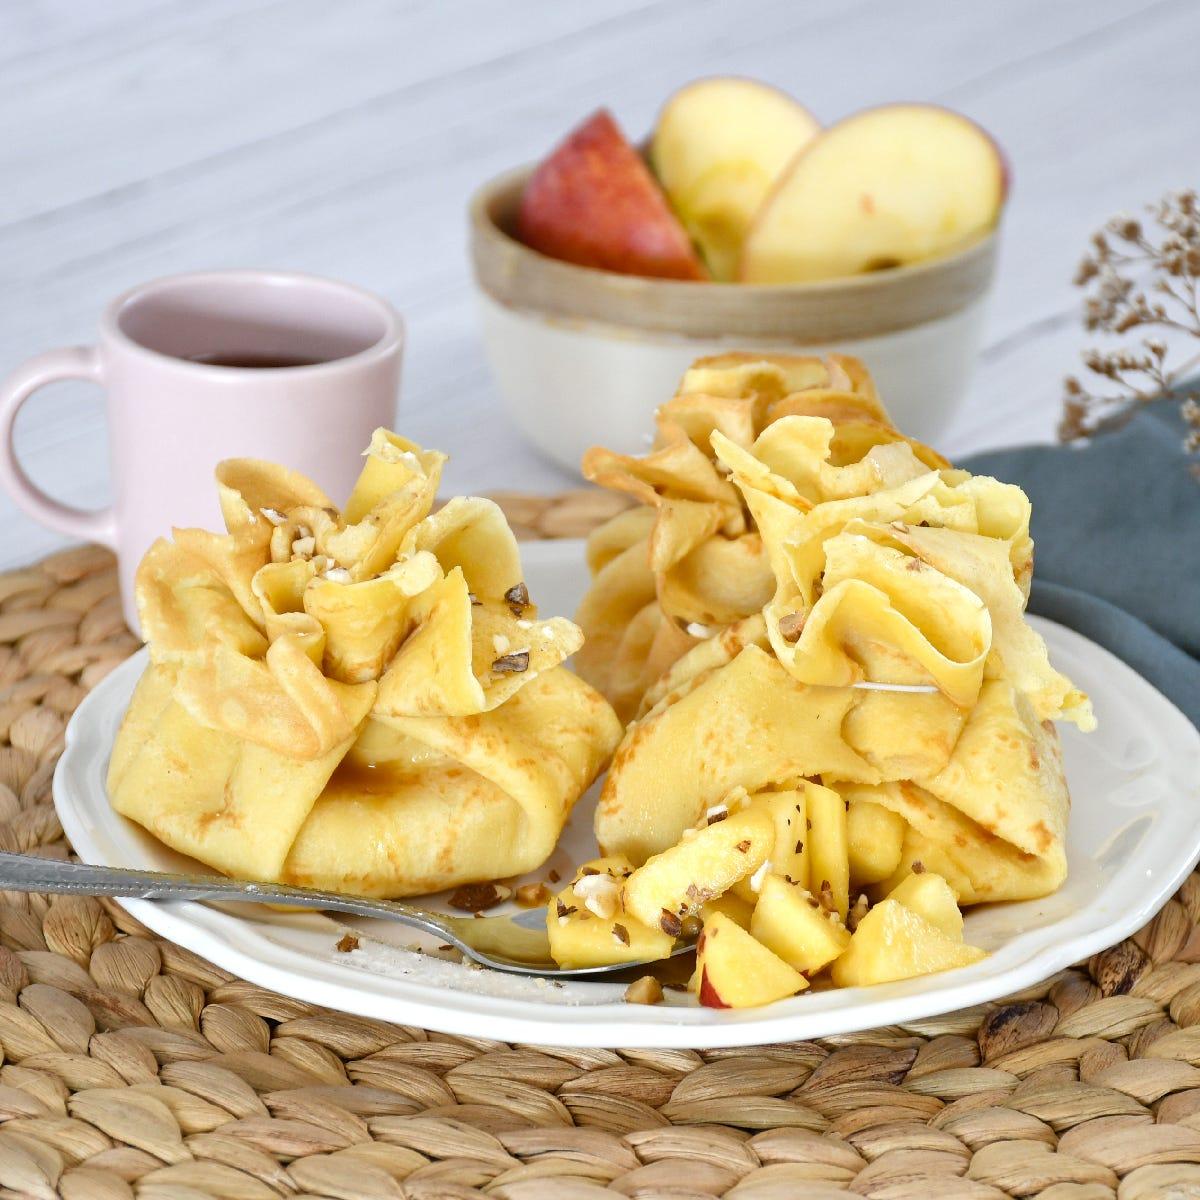 Une recette de crêpes originale pour la Chandeleur, facile à cuisiner en famille pour le dessert ou le goûter.